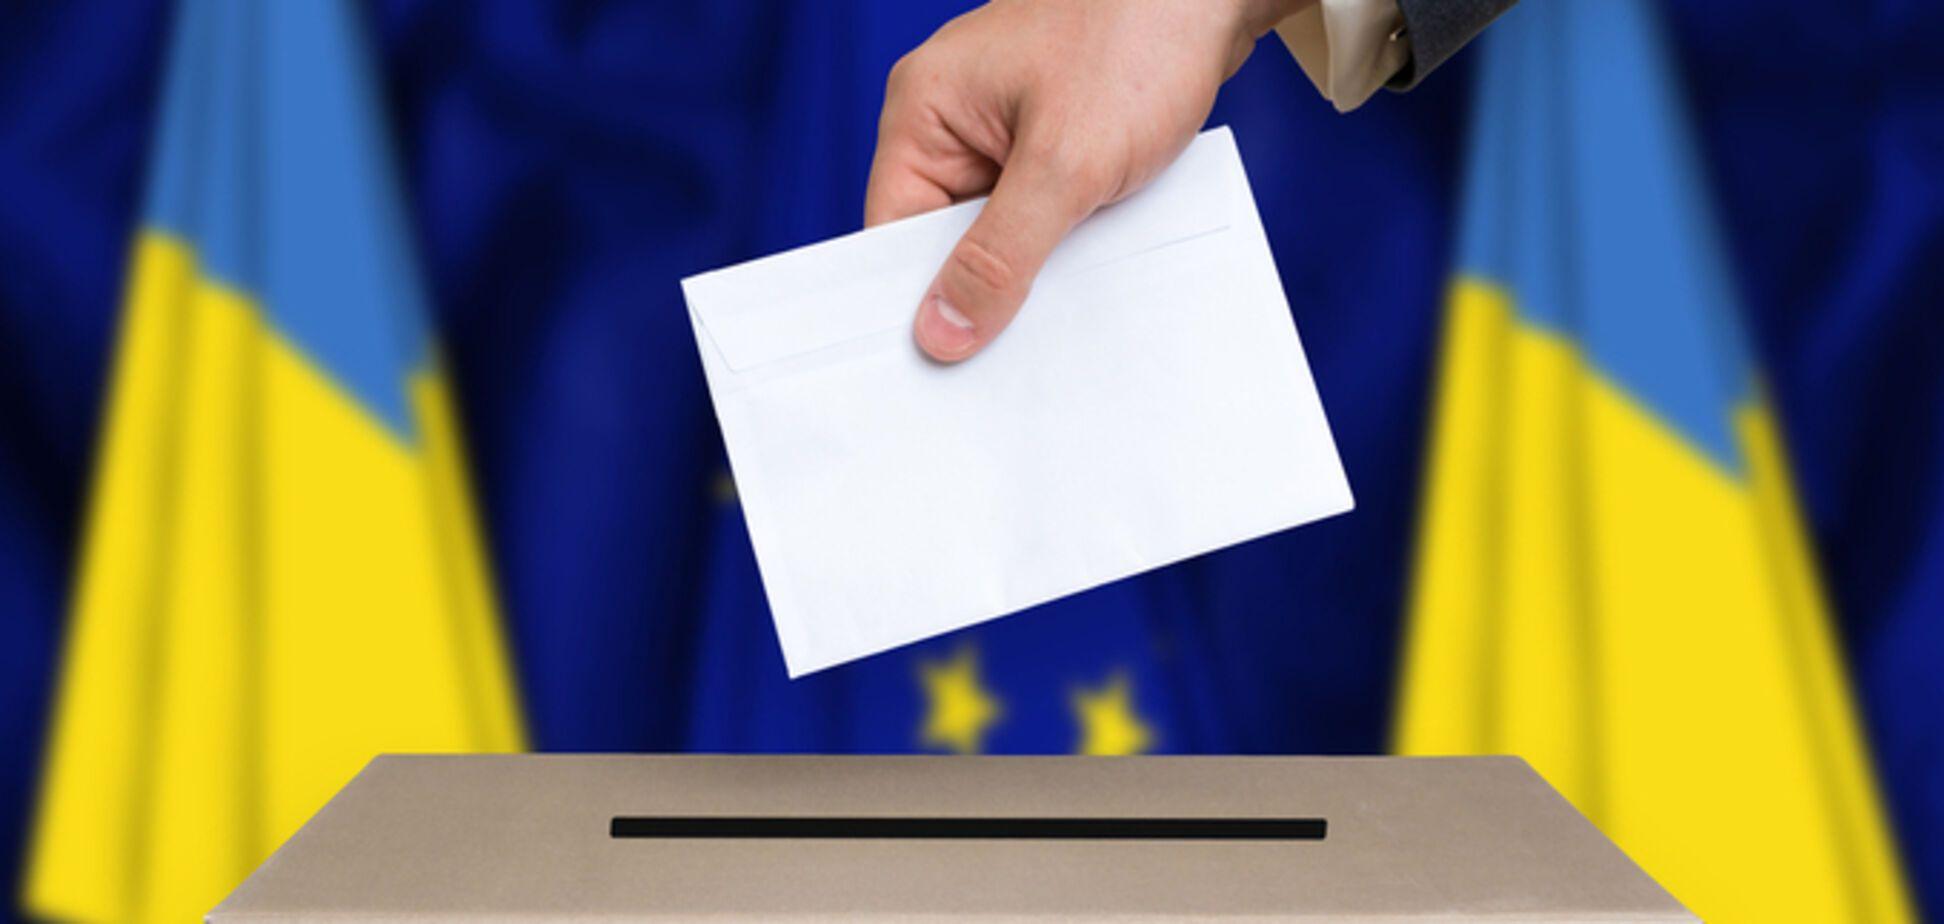 Никто не знает, кто выиграет выборы в Украине. Так и должно быть в демократиях